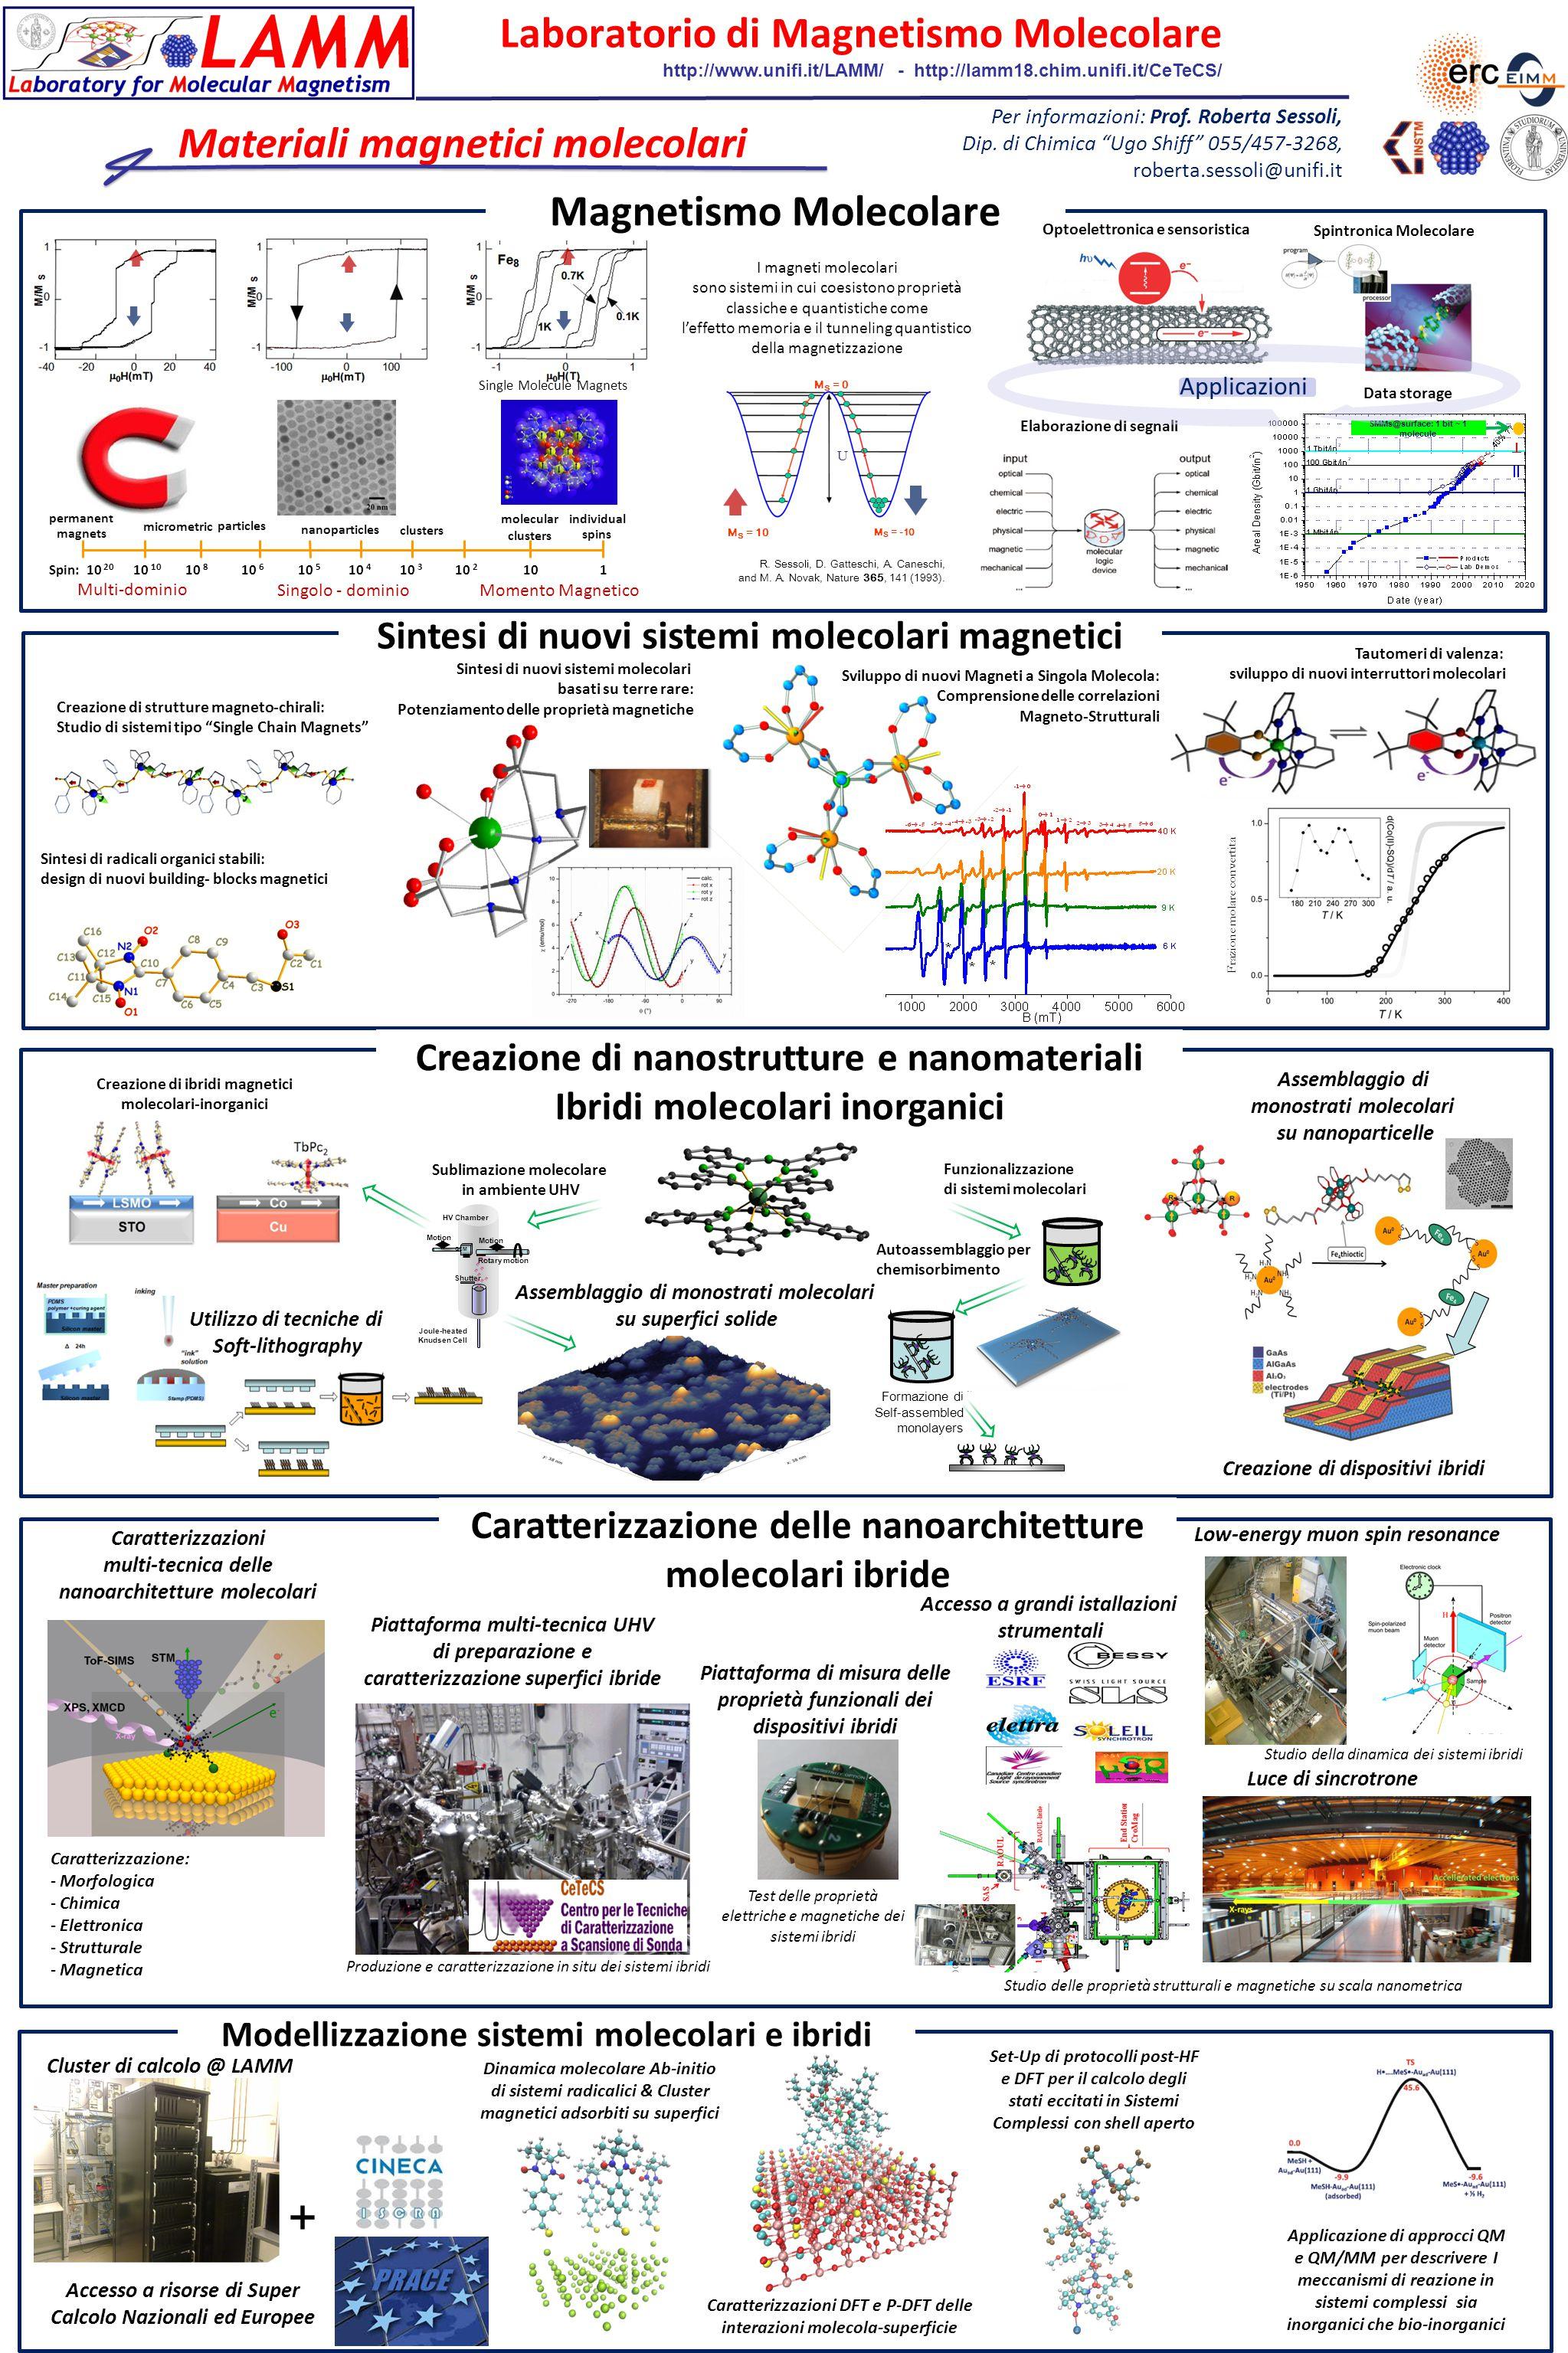 Assemblaggio di monostrati molecolari su superfici solide Frazione molare convertita Sintesi di nuovi sistemi molecolari magnetici Magnetismo Molecolare Modellizzazione sistemi molecolari e ibridi R.